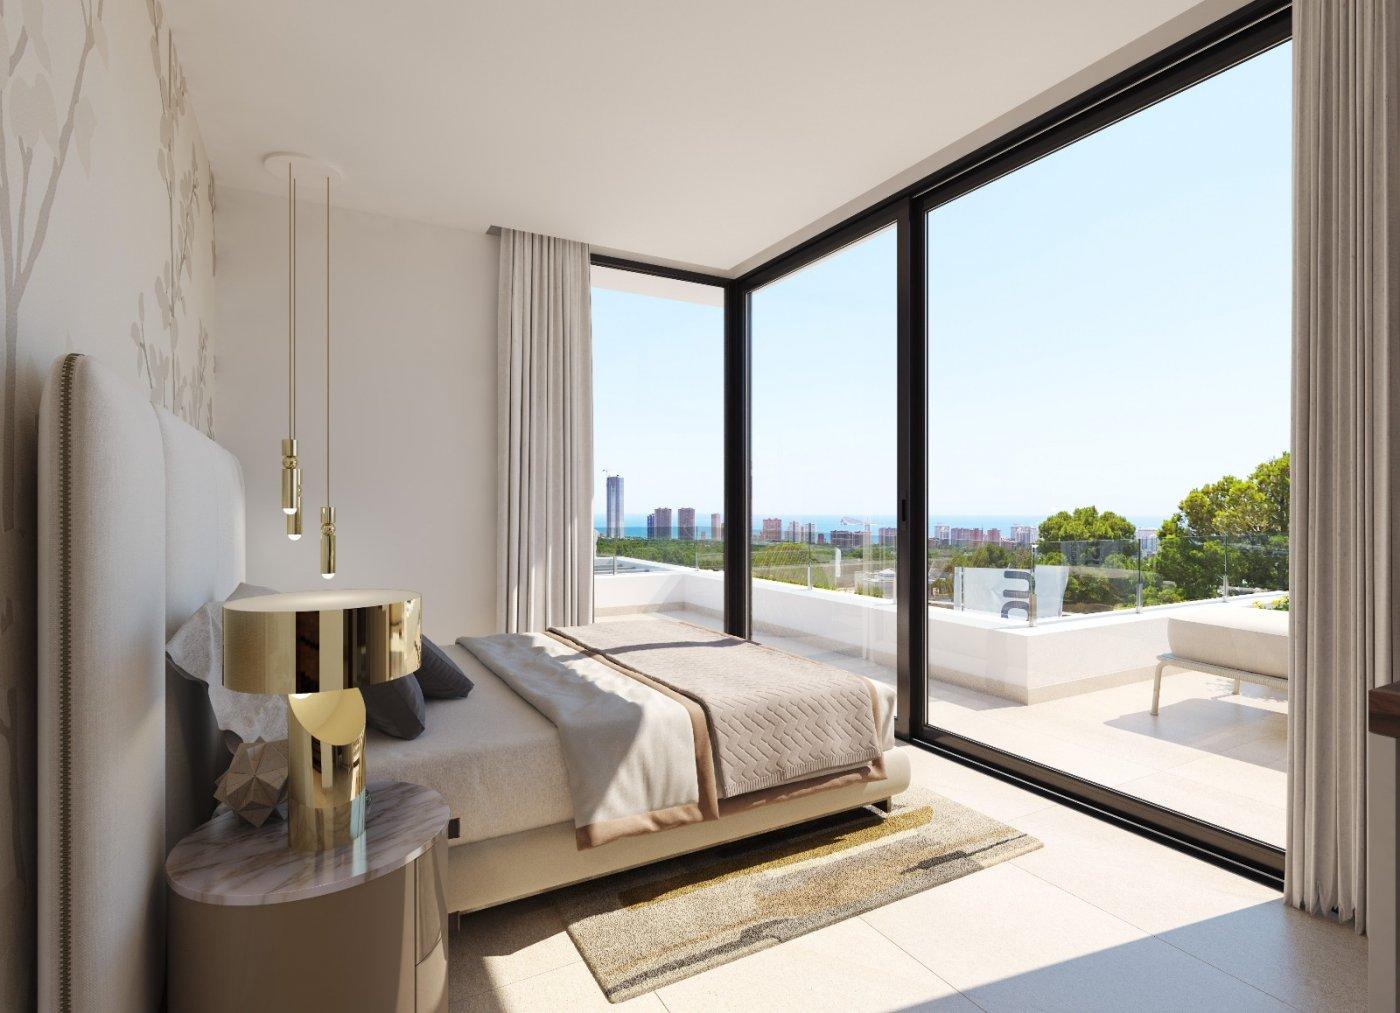 Villas de obra nueva modernas con vistas al mar en sierra cortina - imagenInmueble11